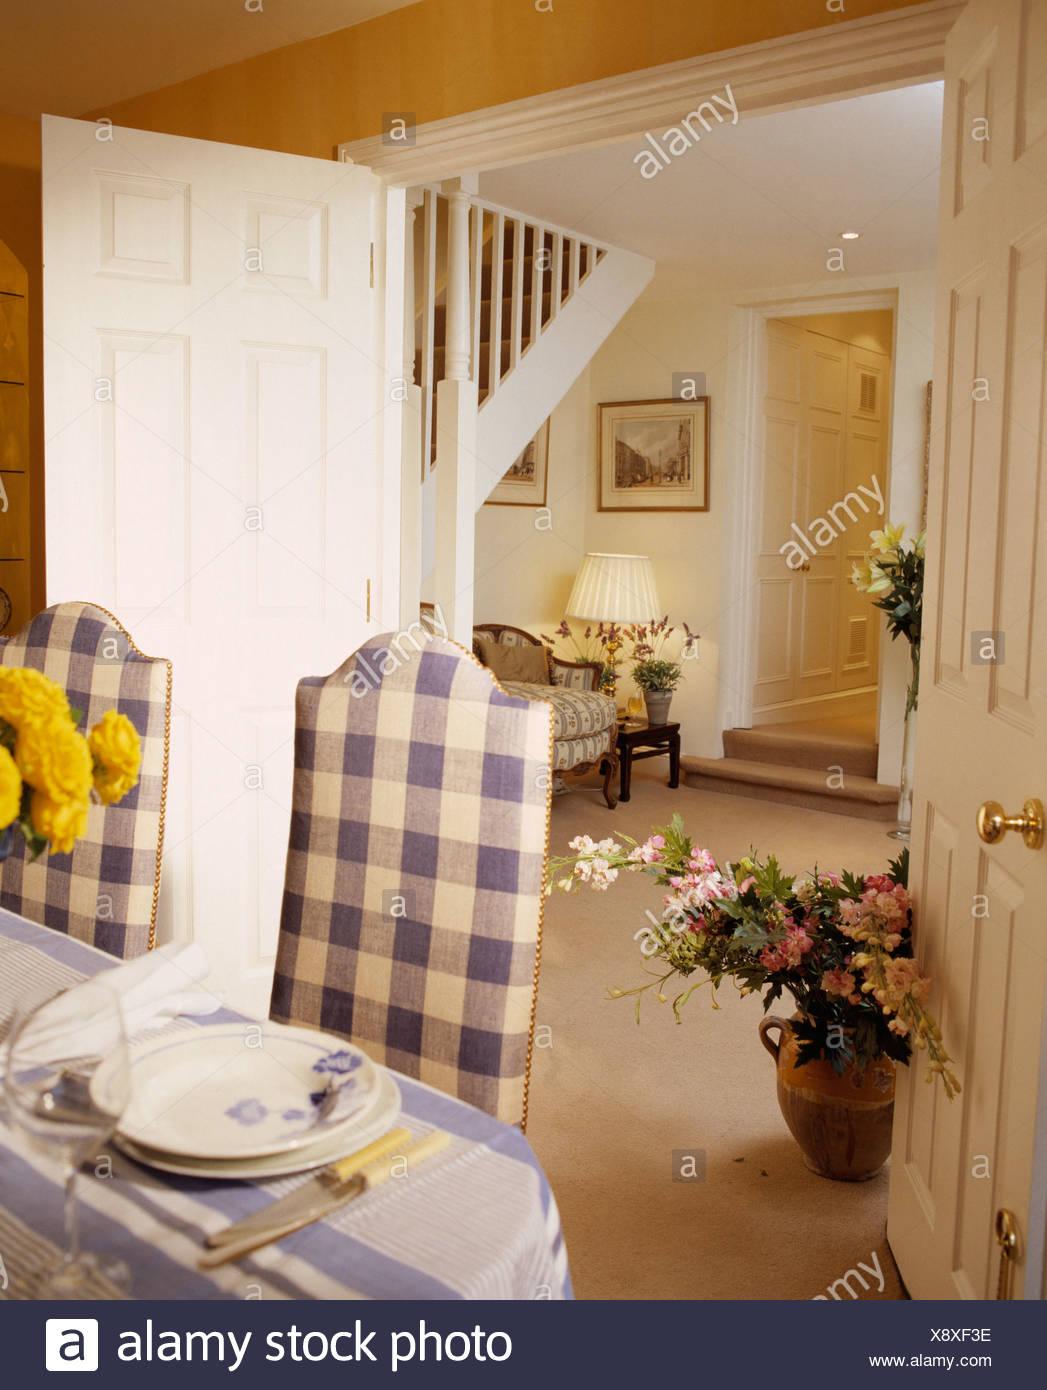 Tall Rückseite Blau + Weiß überprüft Gepolsterte Stühle Am Tisch Für Das  Mittagessen Im Landhausstil Esszimmer Mit Offener Tür Zu Halle